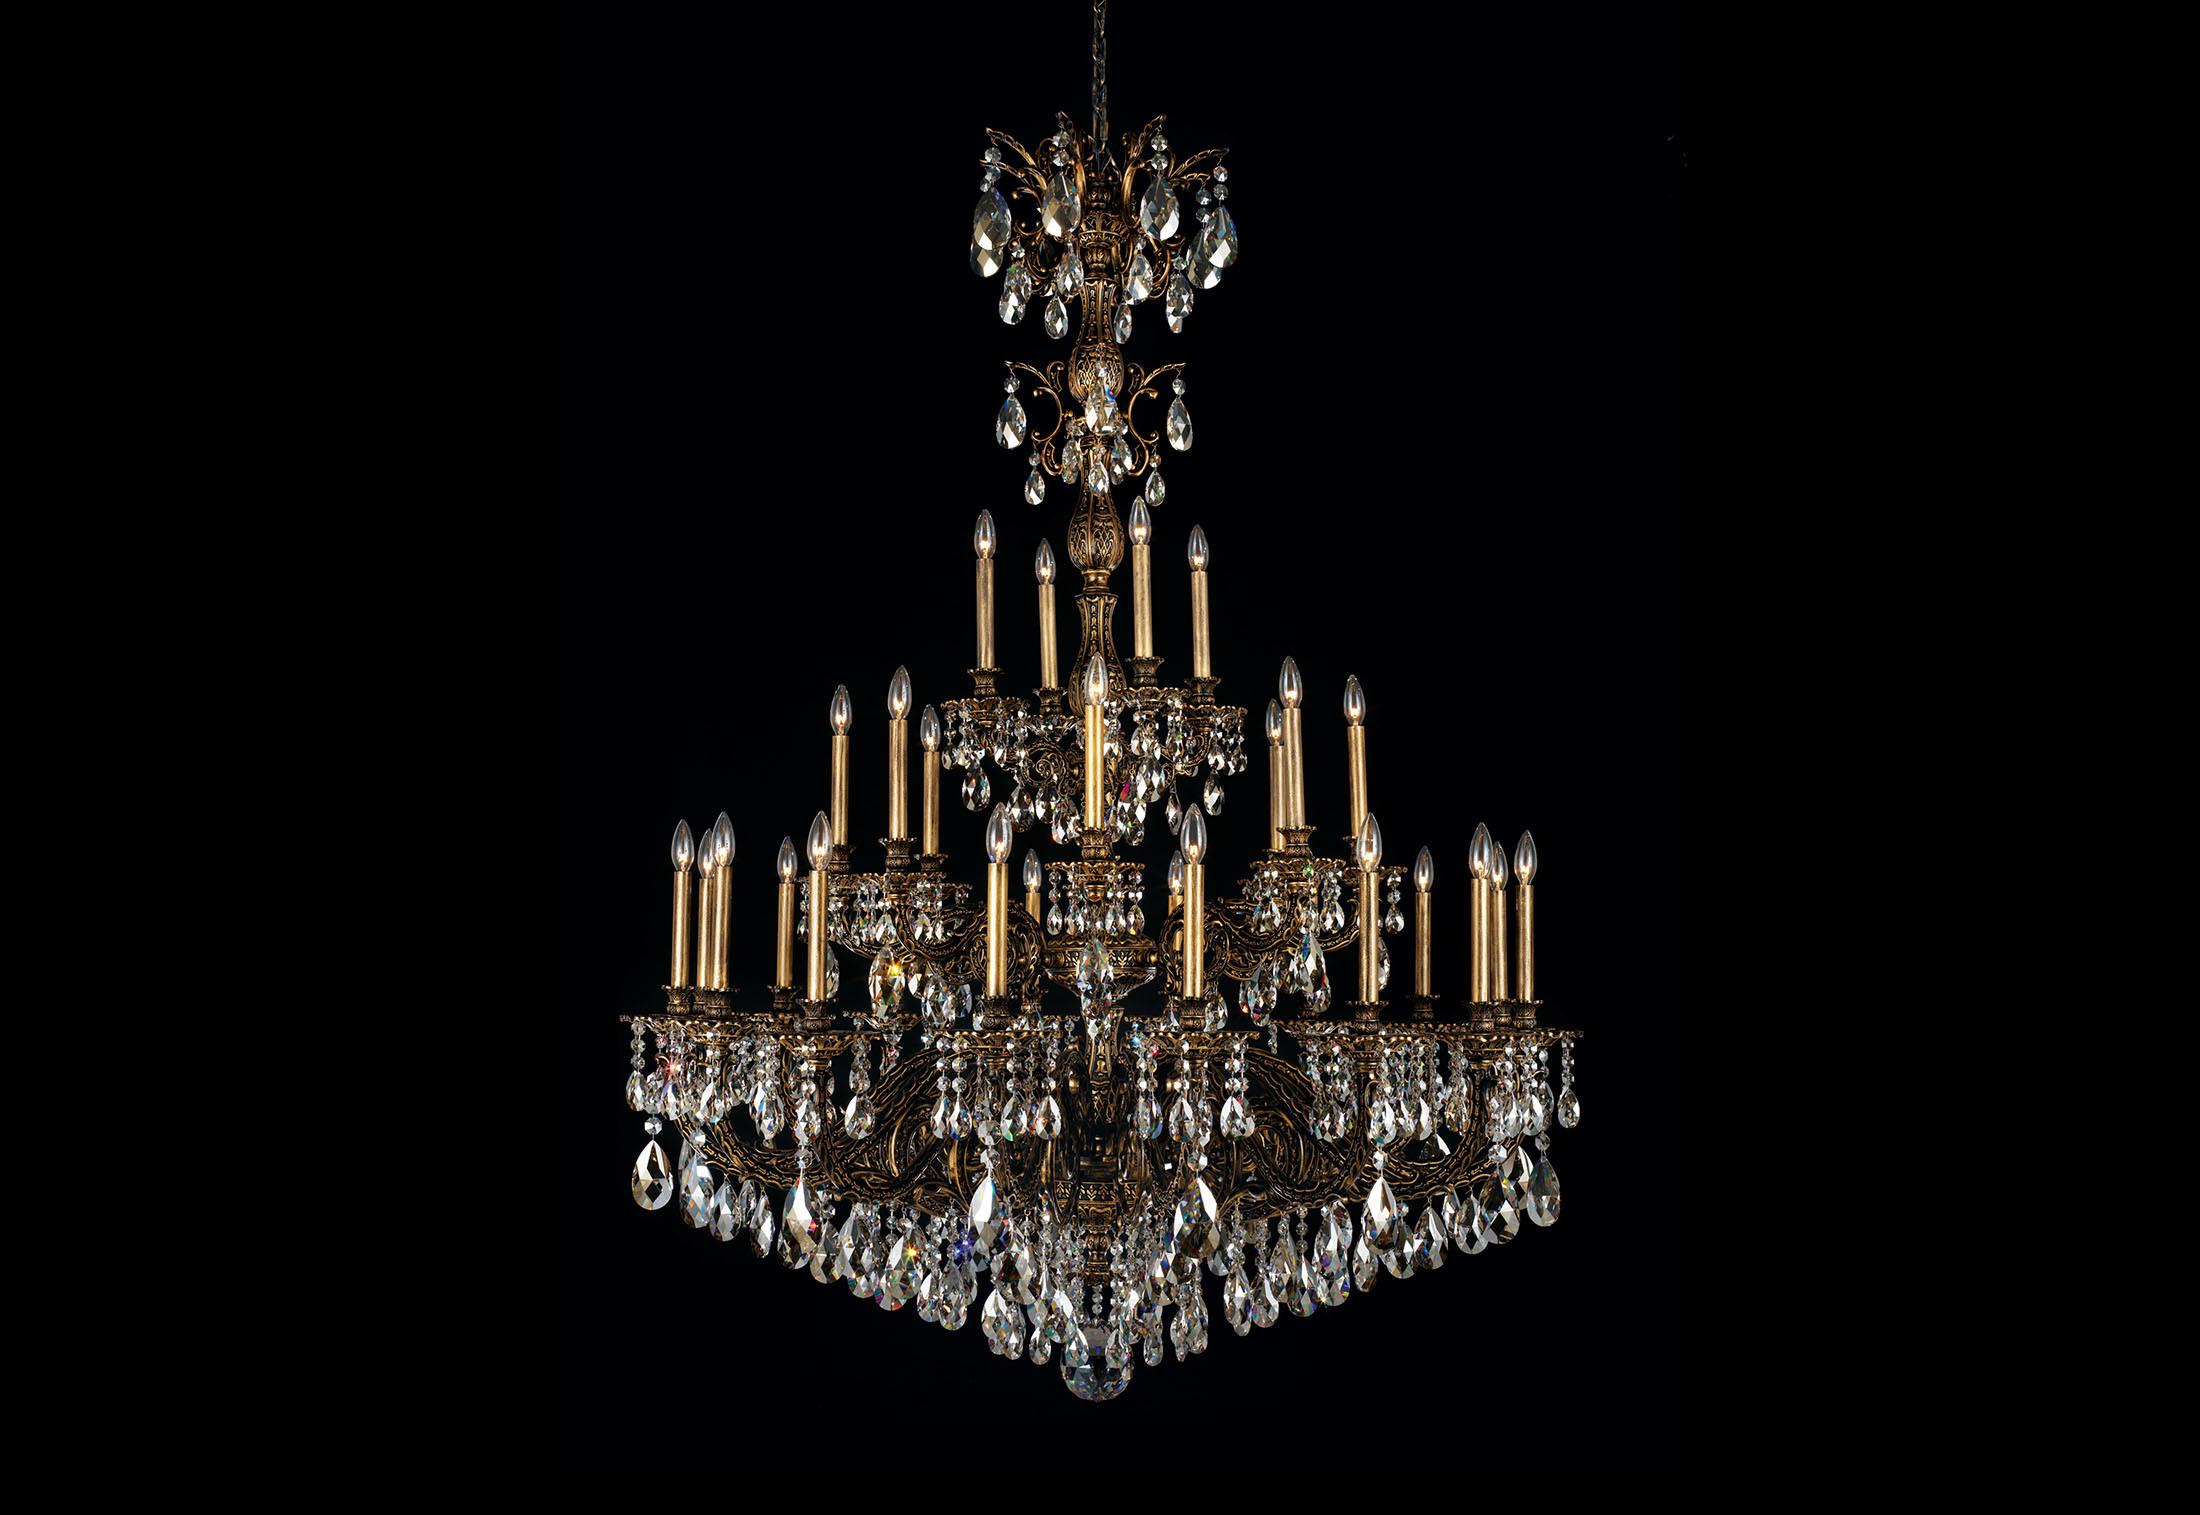 Kronleuchter Mit Swarovski ~ Kronleuchter kristall swarovski antik ebay ersatzteile